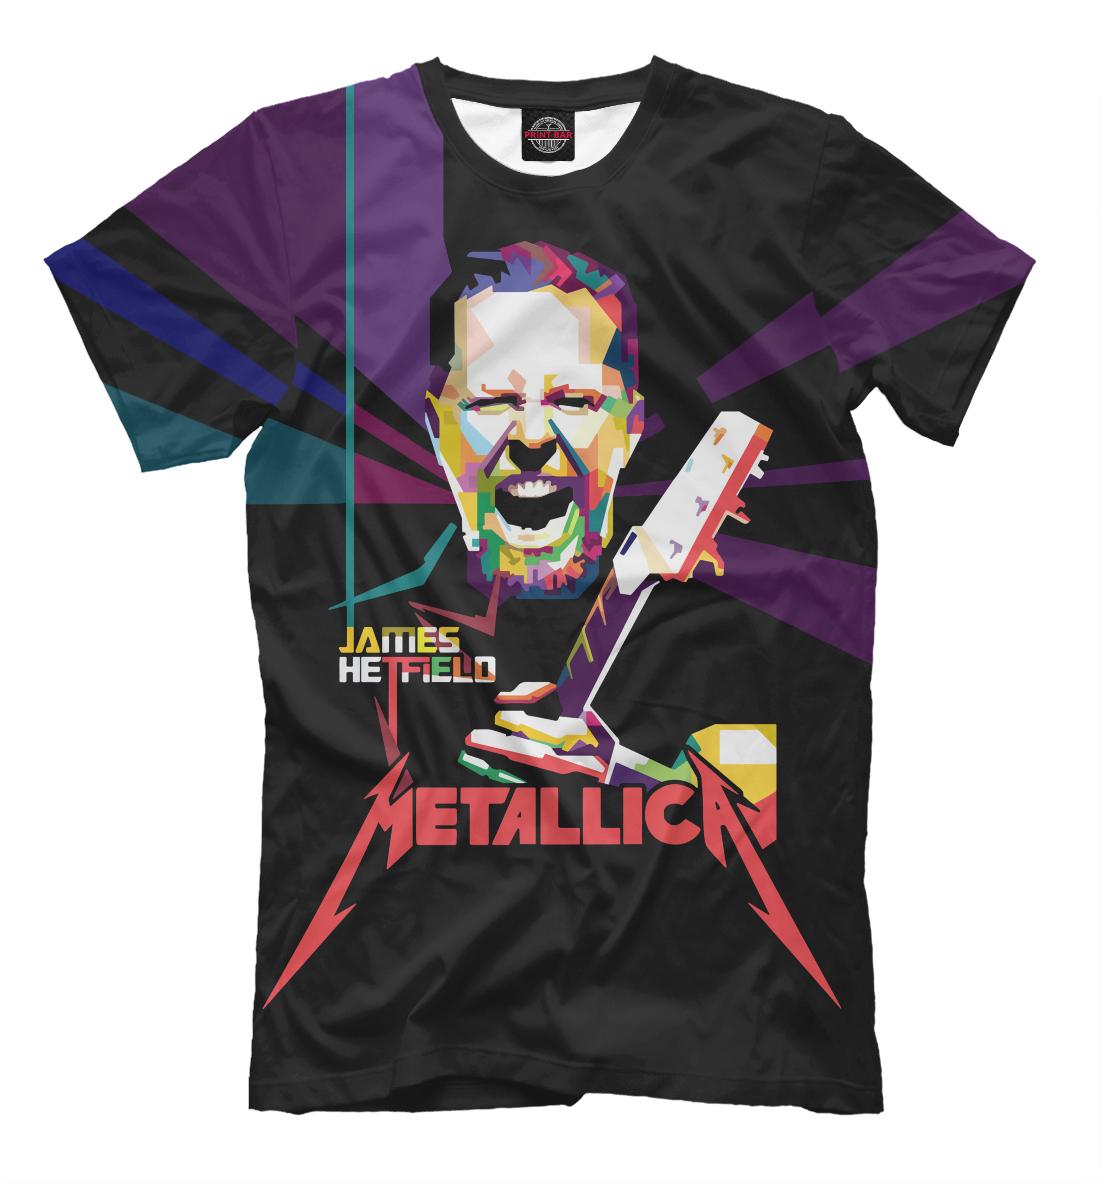 Купить Metallica James Alan Hatfield, Printbar, Футболки, MET-479170-fut-2